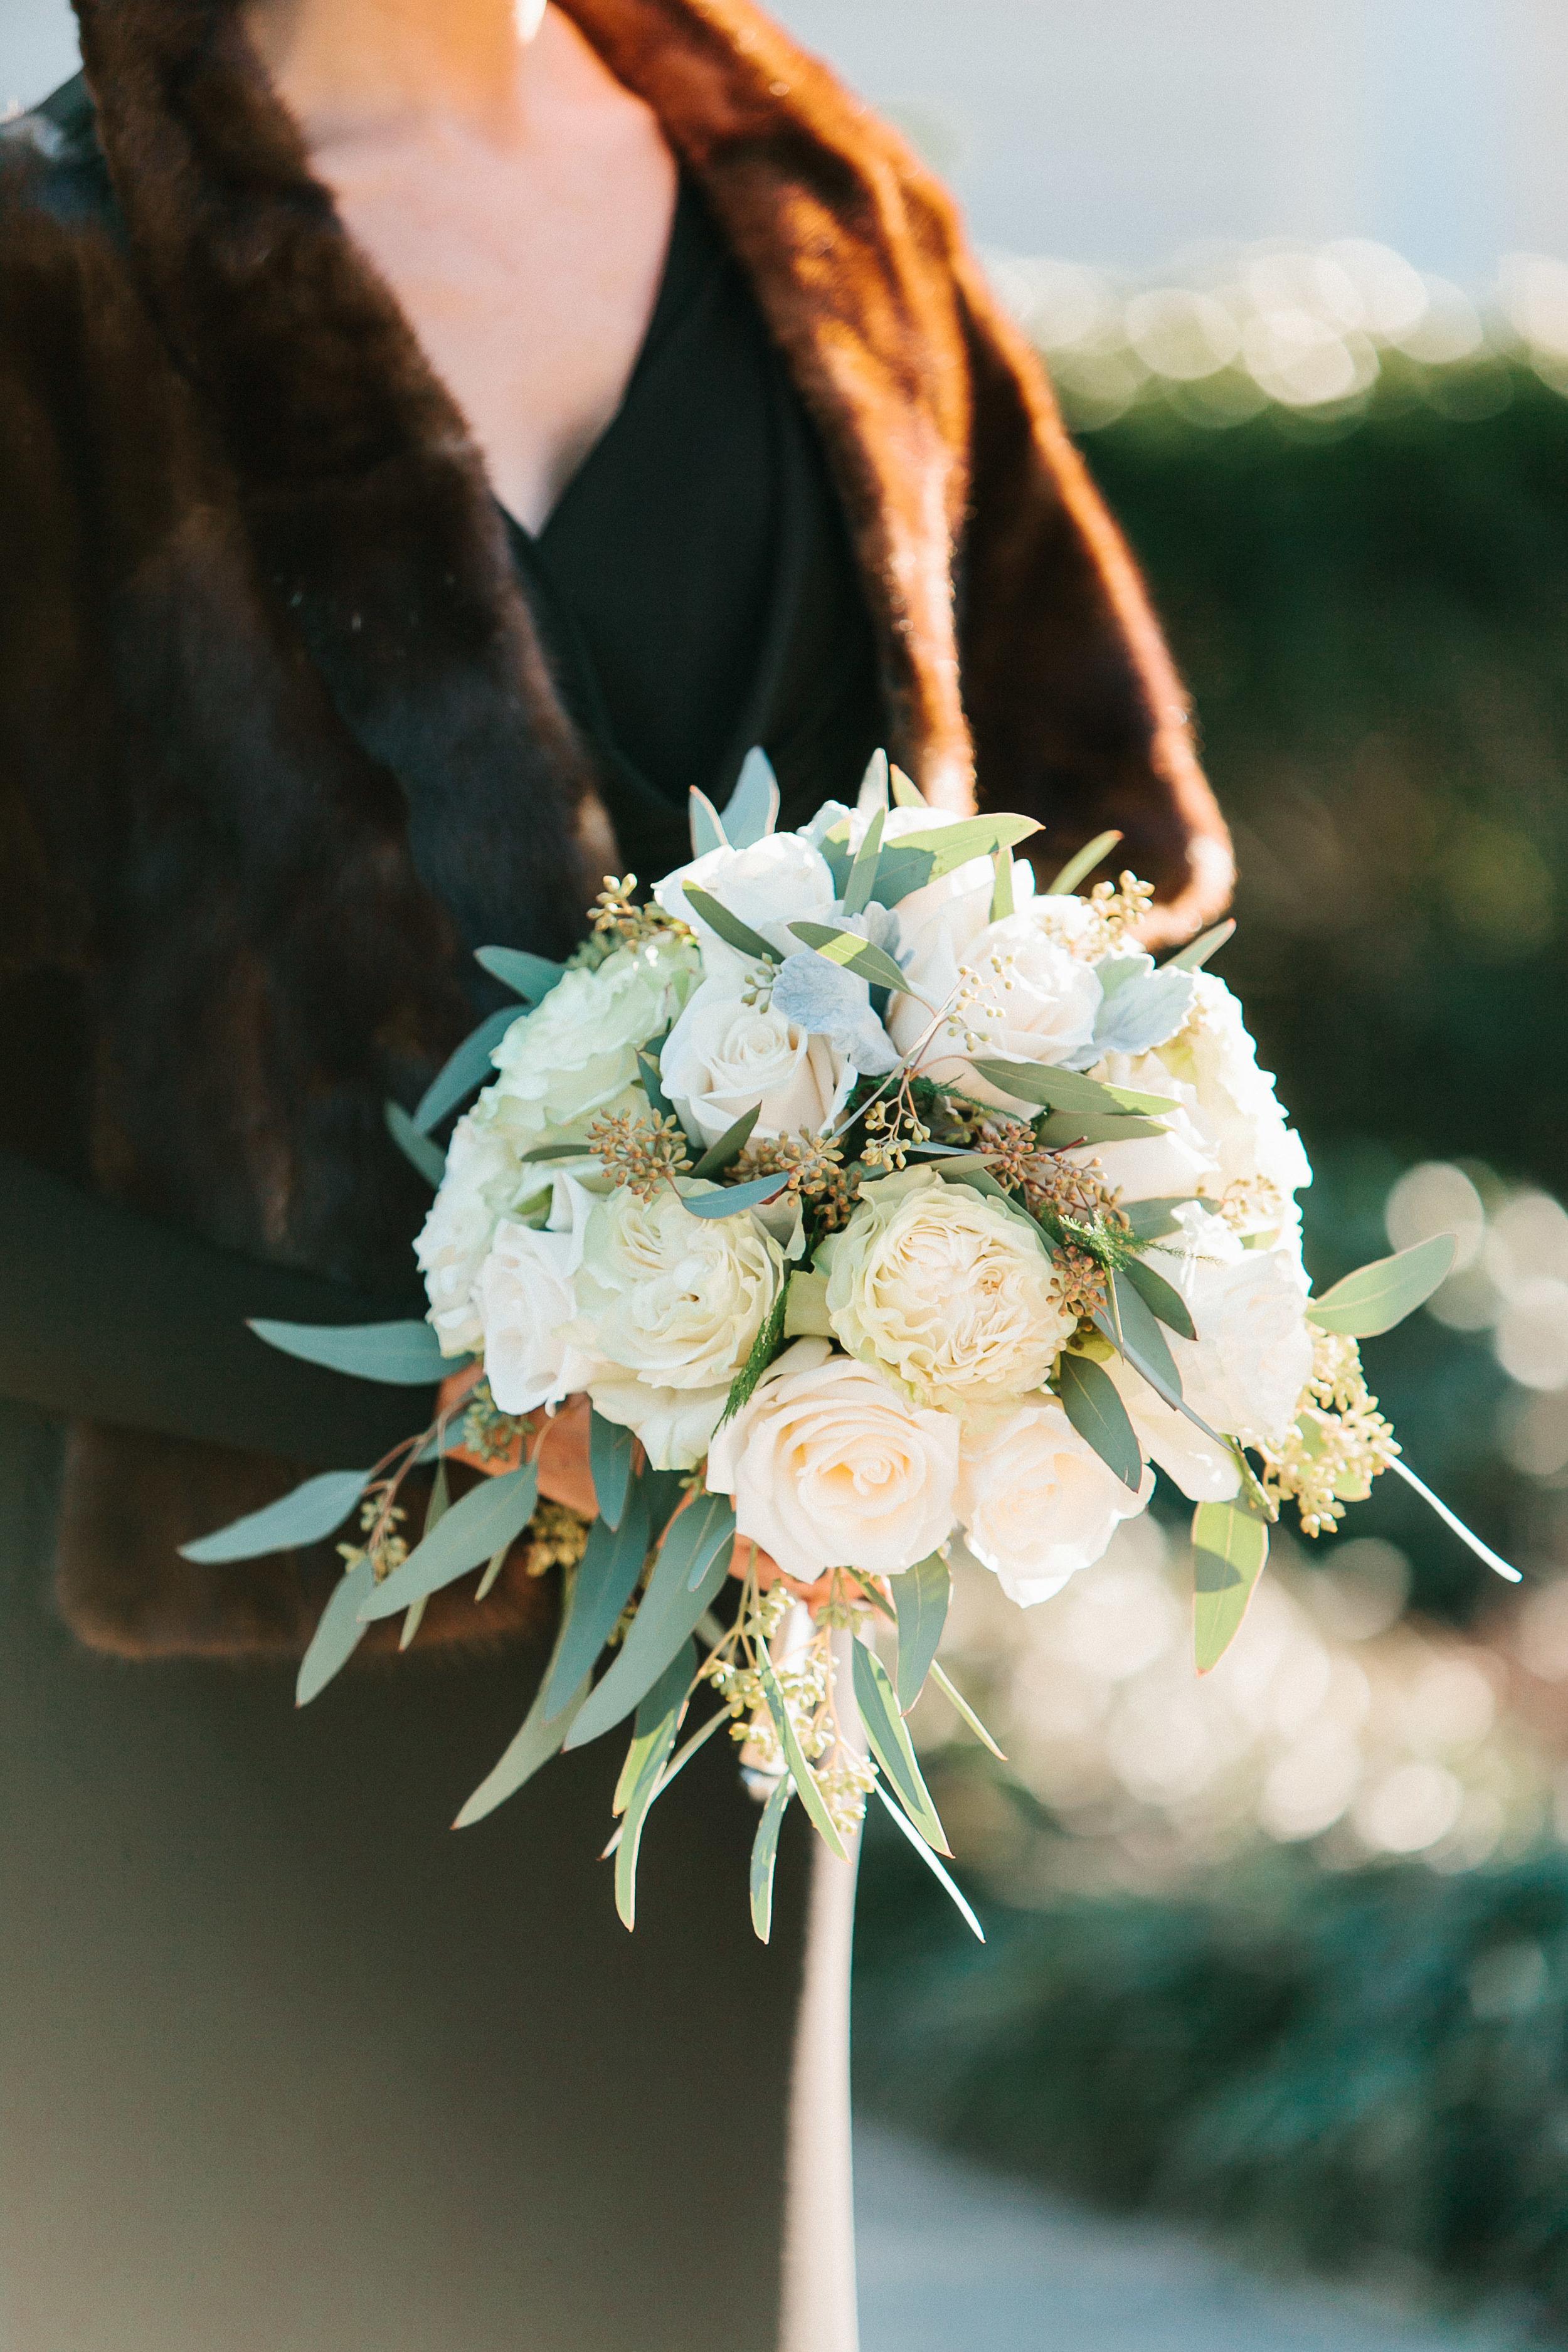 White rose and eucalyptous bouquet at Georgia wedding